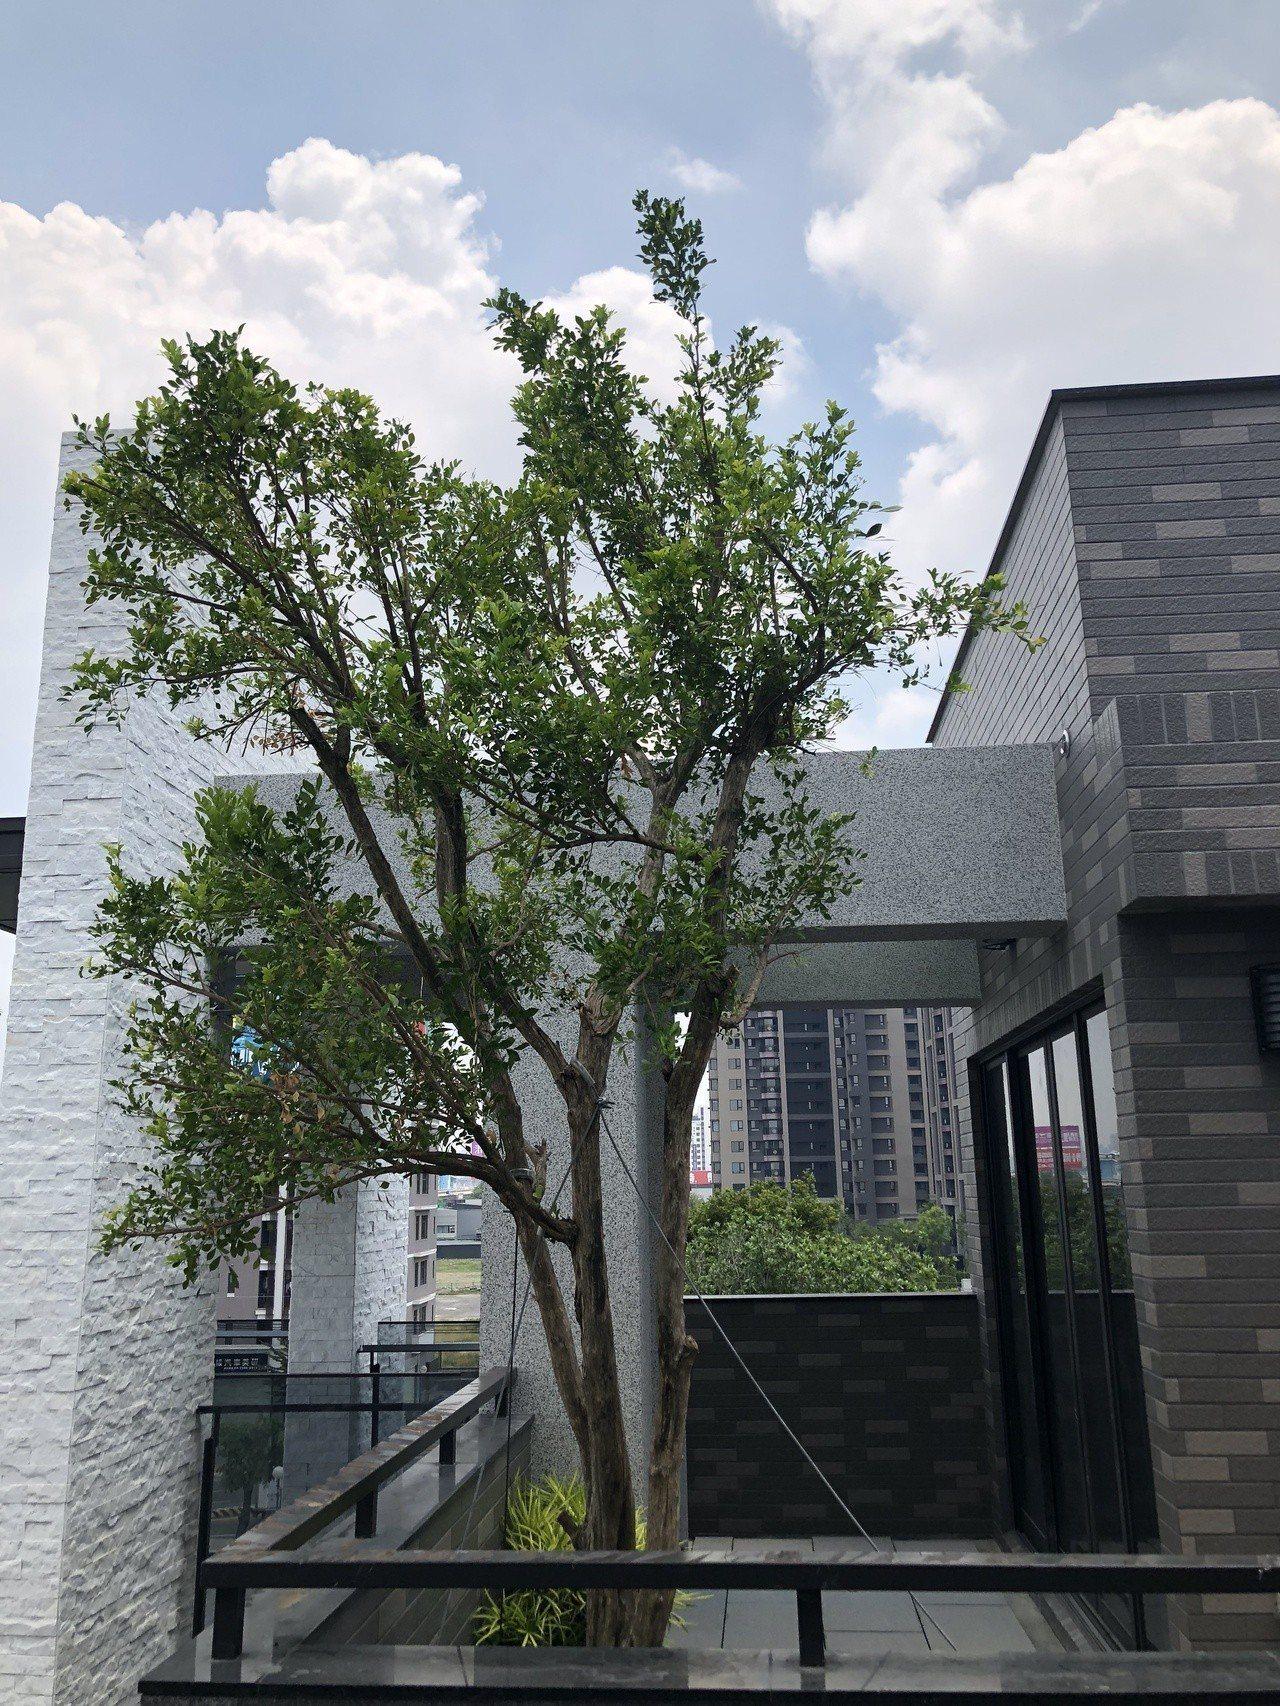 「悠久自若」為了把自然引進家中,規劃有前庭後院、大樹陽台、空中花園、天井花園等,...